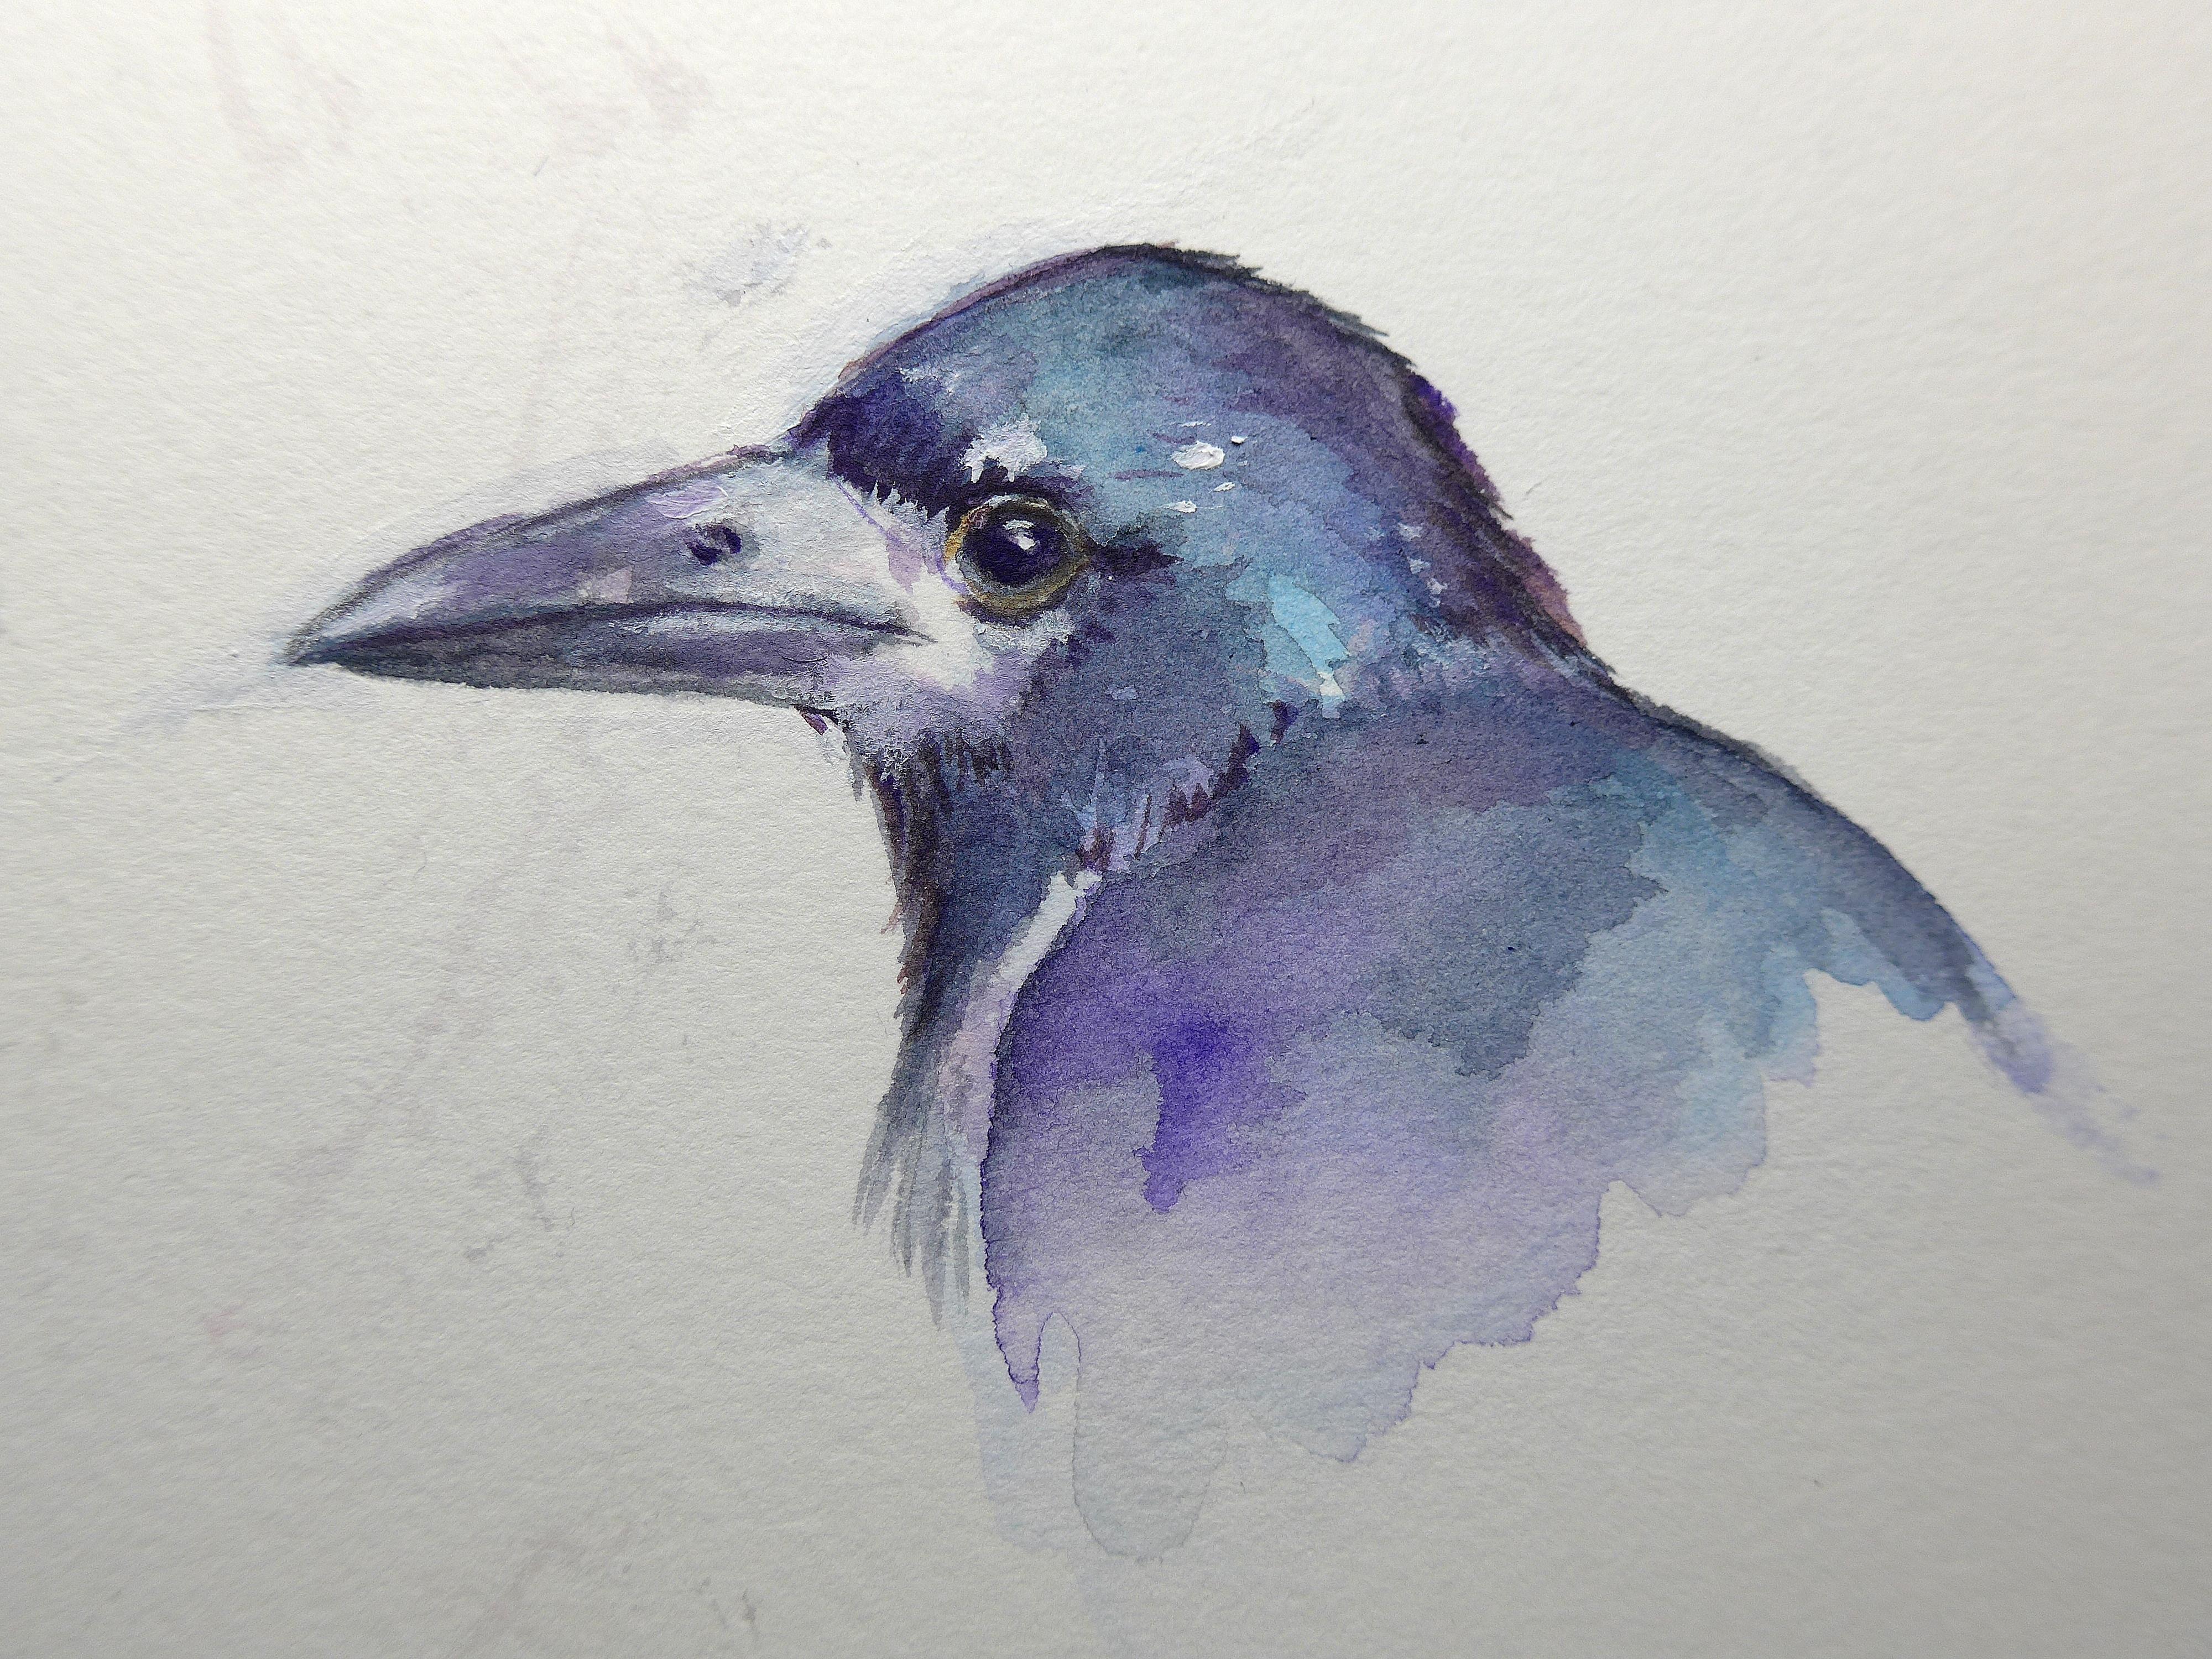 rook-portrait-paint